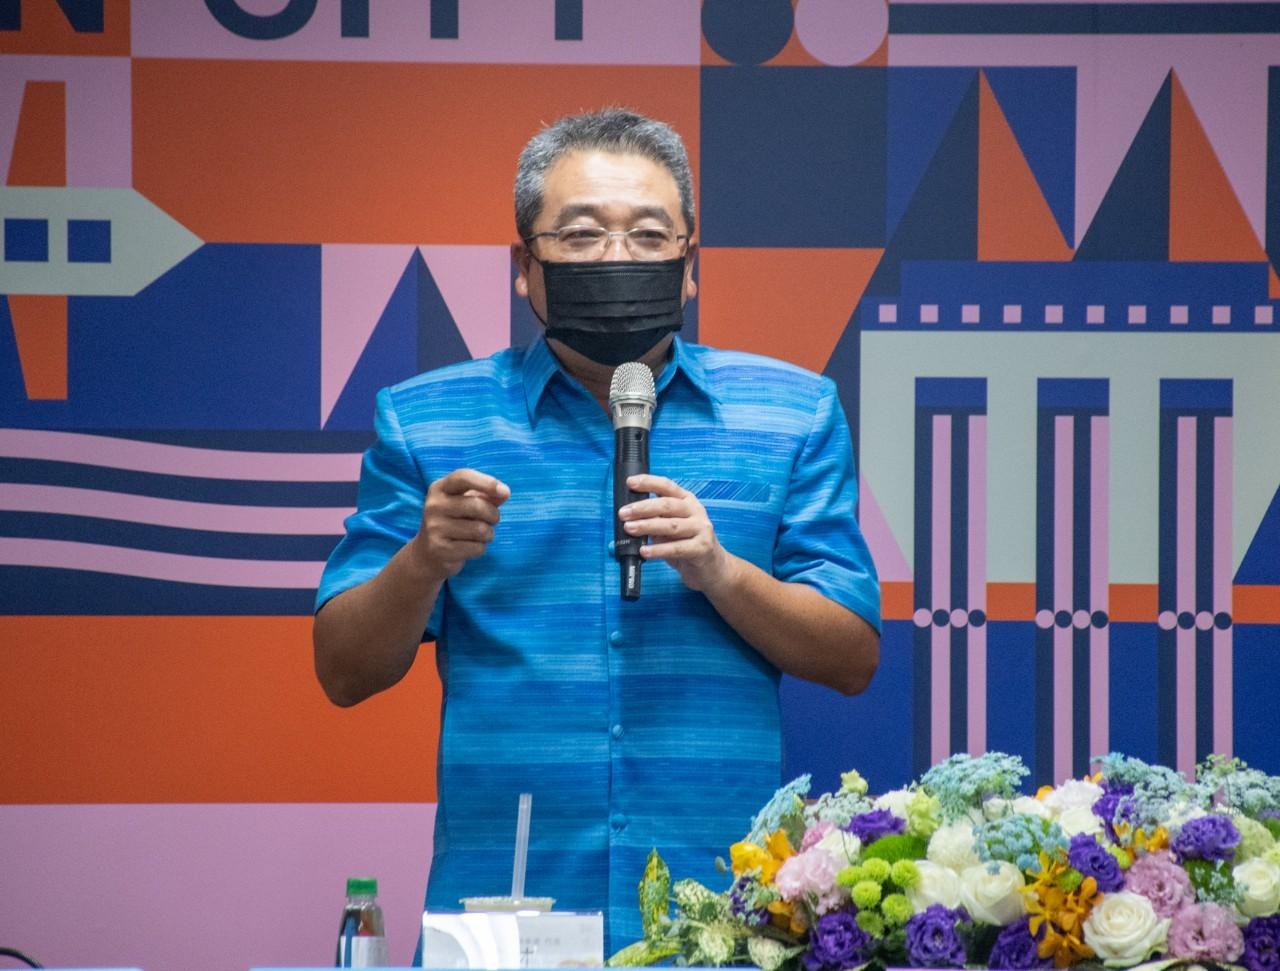 泰國貿易經濟辦事處代表讚許台灣防疫有成